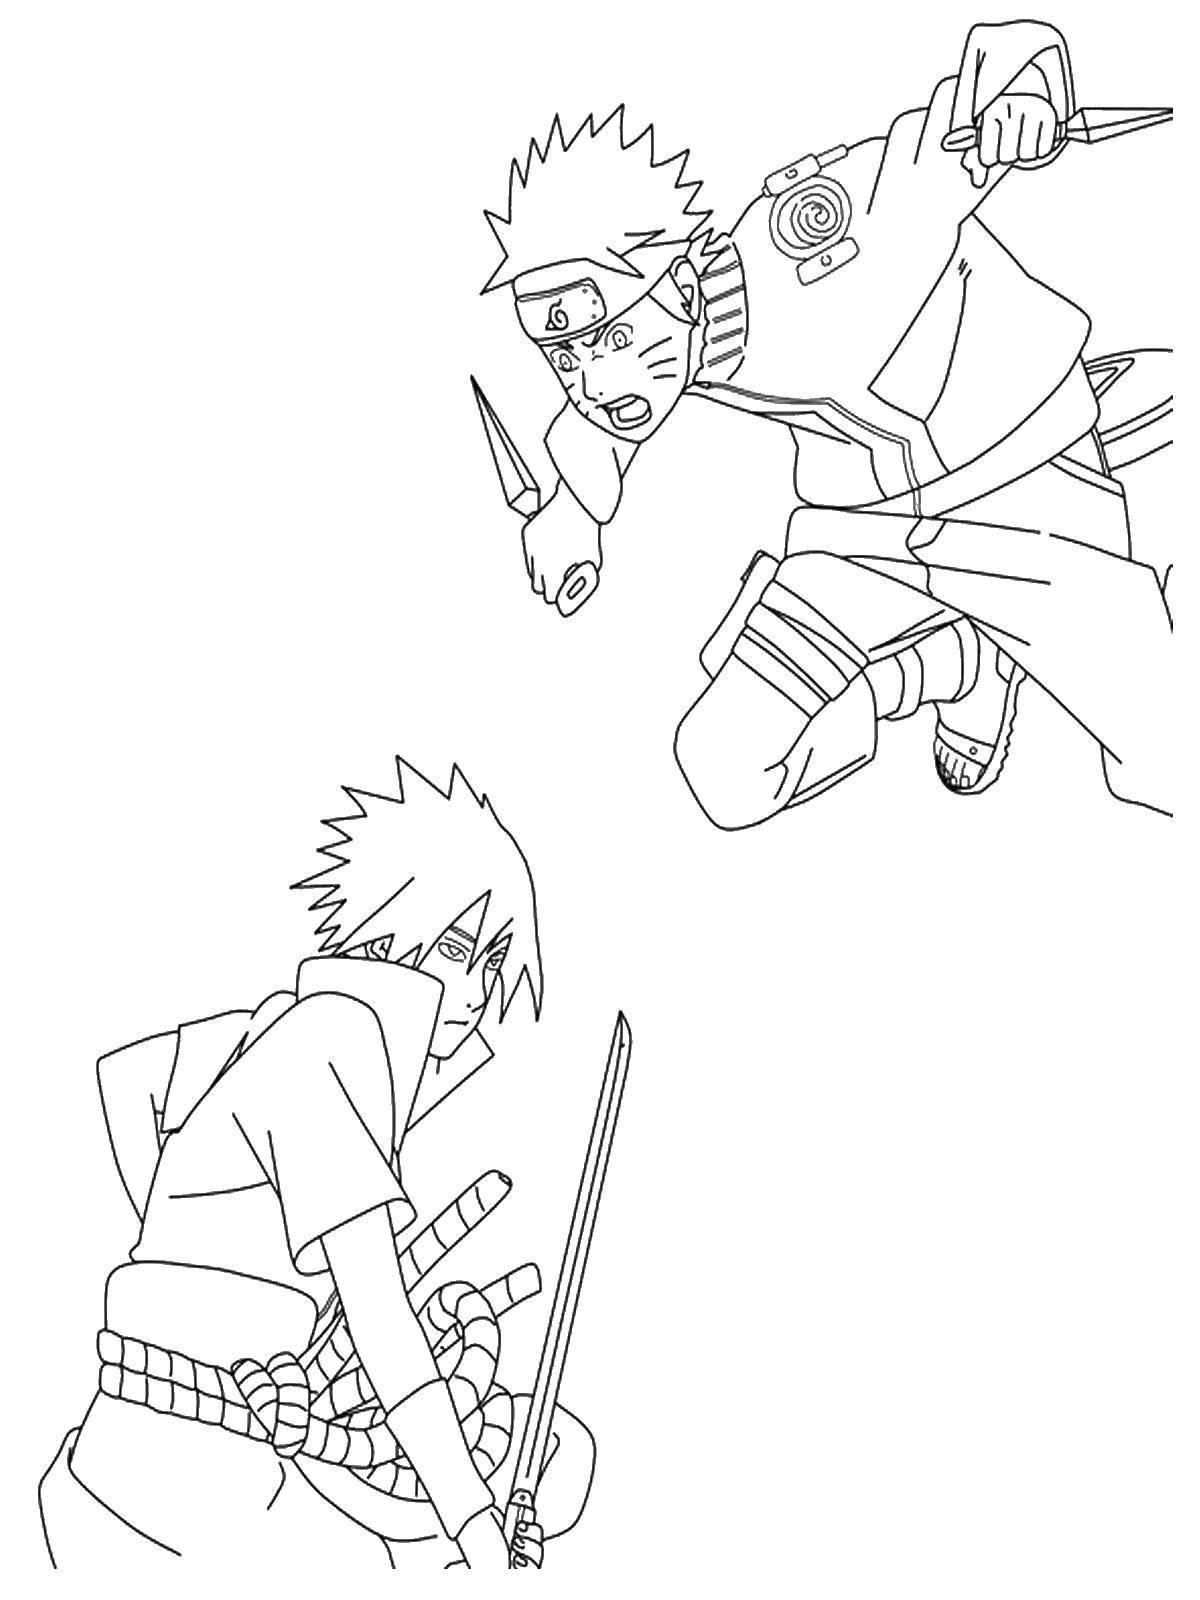 Раскраска Наруто сражается с саске. Скачать наруто, саске, аниме.  Распечатать ,Наруто,